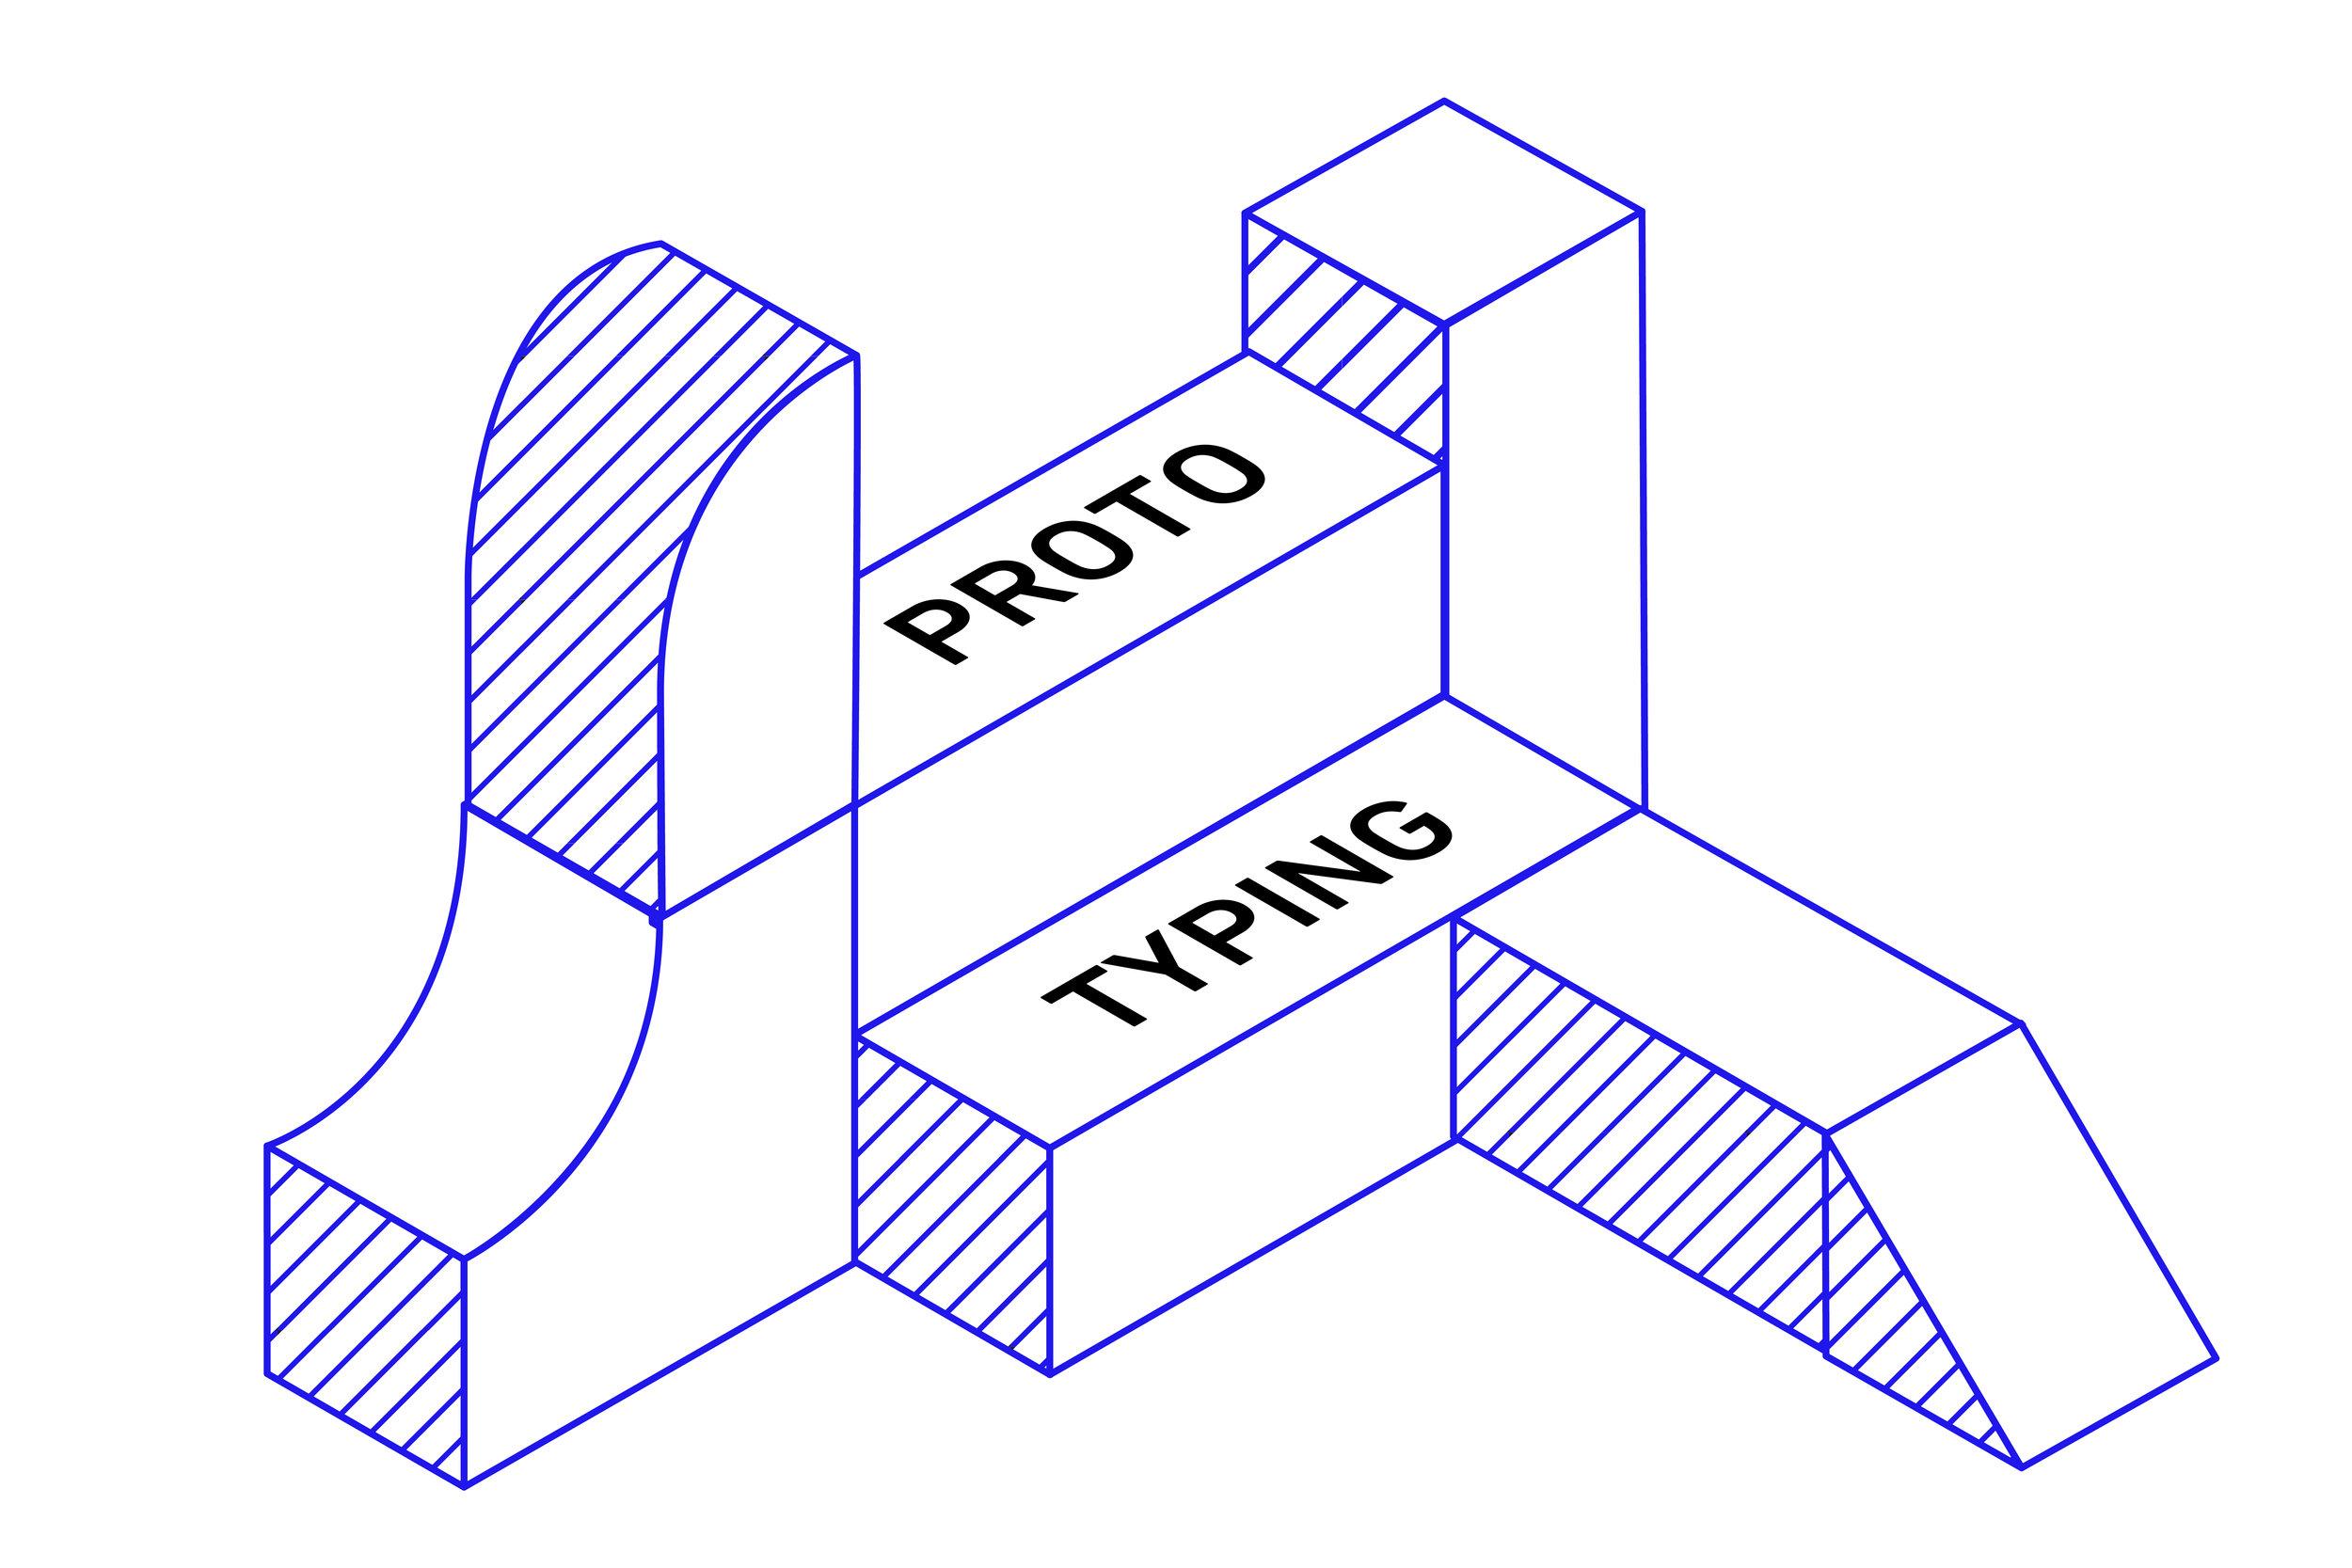 WorkshopPrototyping - Leer prototypes maken en testen zodat je snel achterhaalt of je strategieën en aannames werken. Met eenvoudige middelen testen we in deze workshop op een efficiënte manier de essentie van jouw idee. Aan het einde van de workshop weet je of het werkt, wat er aangepast moet worden en wat daarvoor de strategie is.